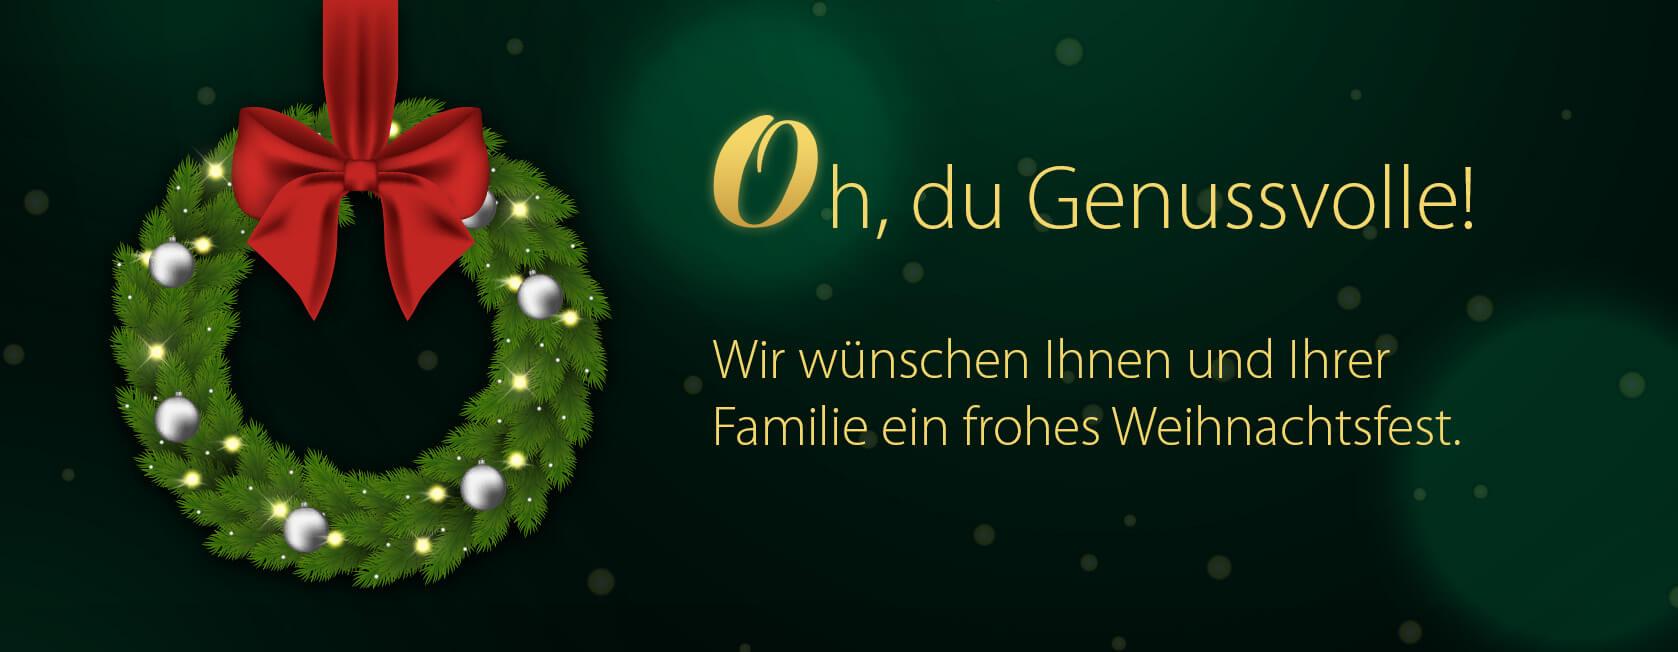 Oh, du Genussvolle! Wir wünschen Ihnen und Ihrer Familie ein frohes Weihnachtsfest. Am 24. Dezember haben wir bis 12.00 Uhr geöffnet, am 25. und 26. Dezember haben wir geschlossen. Zwischen den Jahren sind wir gerne zu den gewohnten Öffnungszeiten für Sie da!